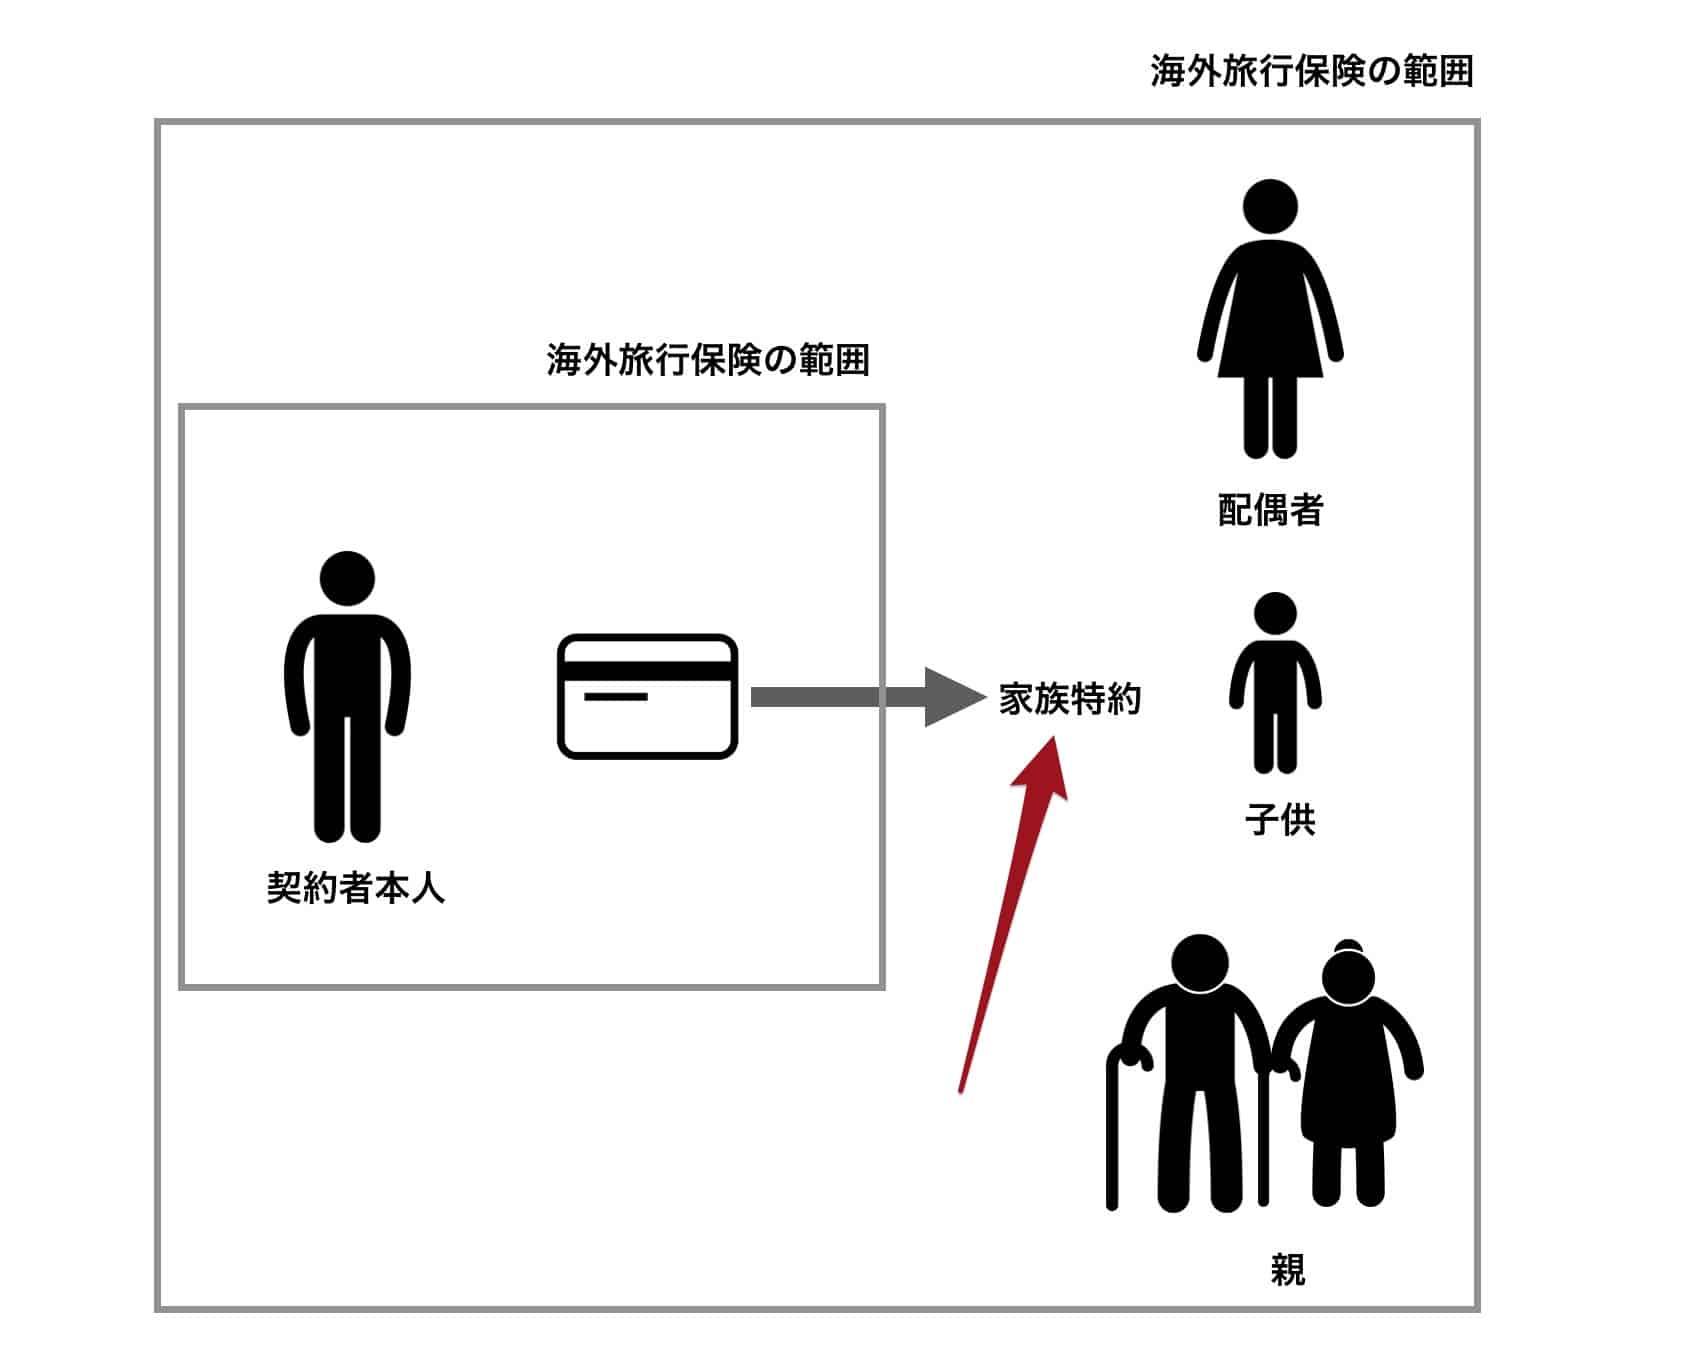 家族特約での海外旅行保険適用範囲